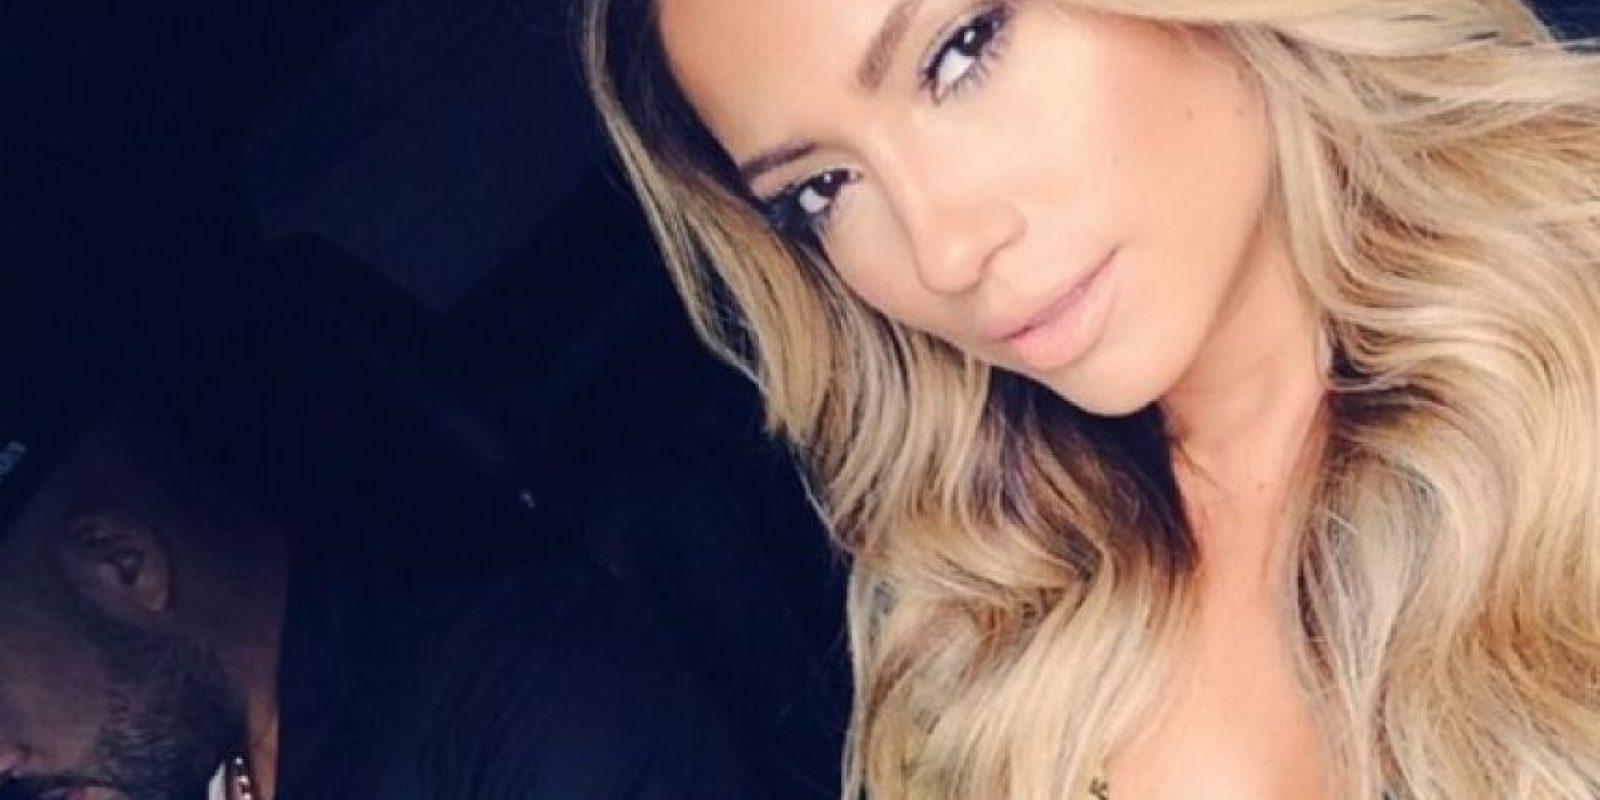 Su parecido es tan impresionante que cuando Jessica posó desnuda para una revista, varios fans pensaron que era Jennifer López, algo que fue negado por la celebridad. Foto: instagram.com/jessicaburciaga/